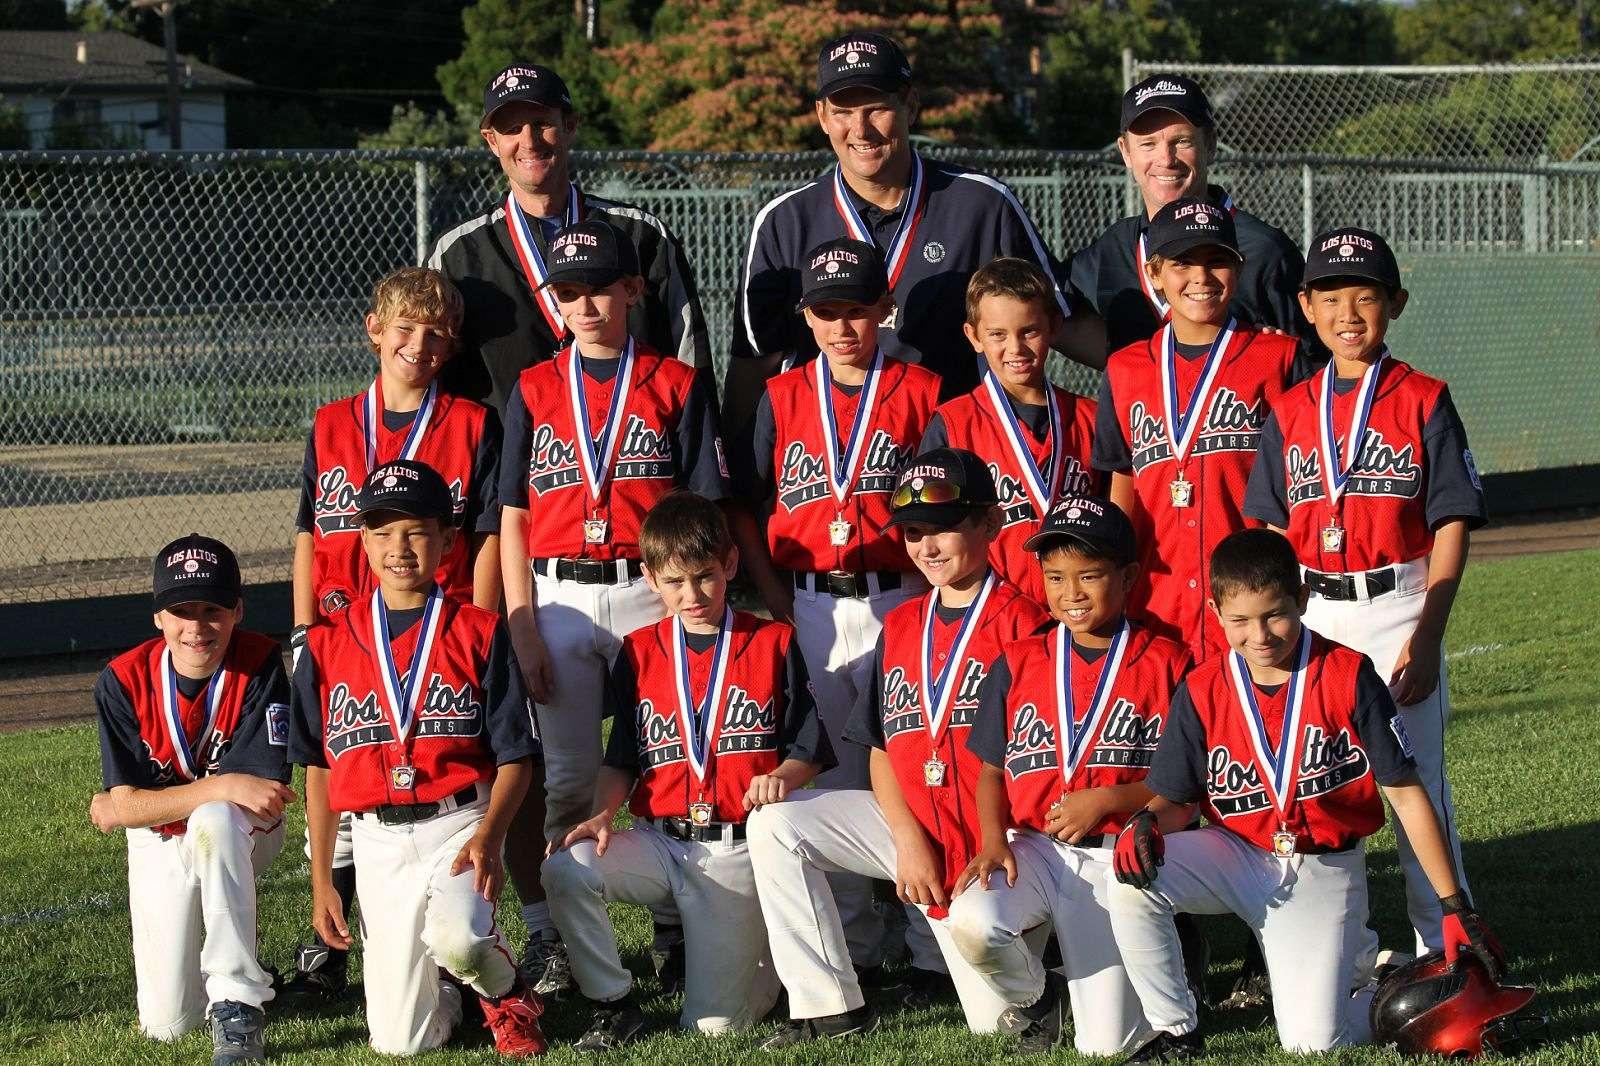 2011 - 11-12 All Stars